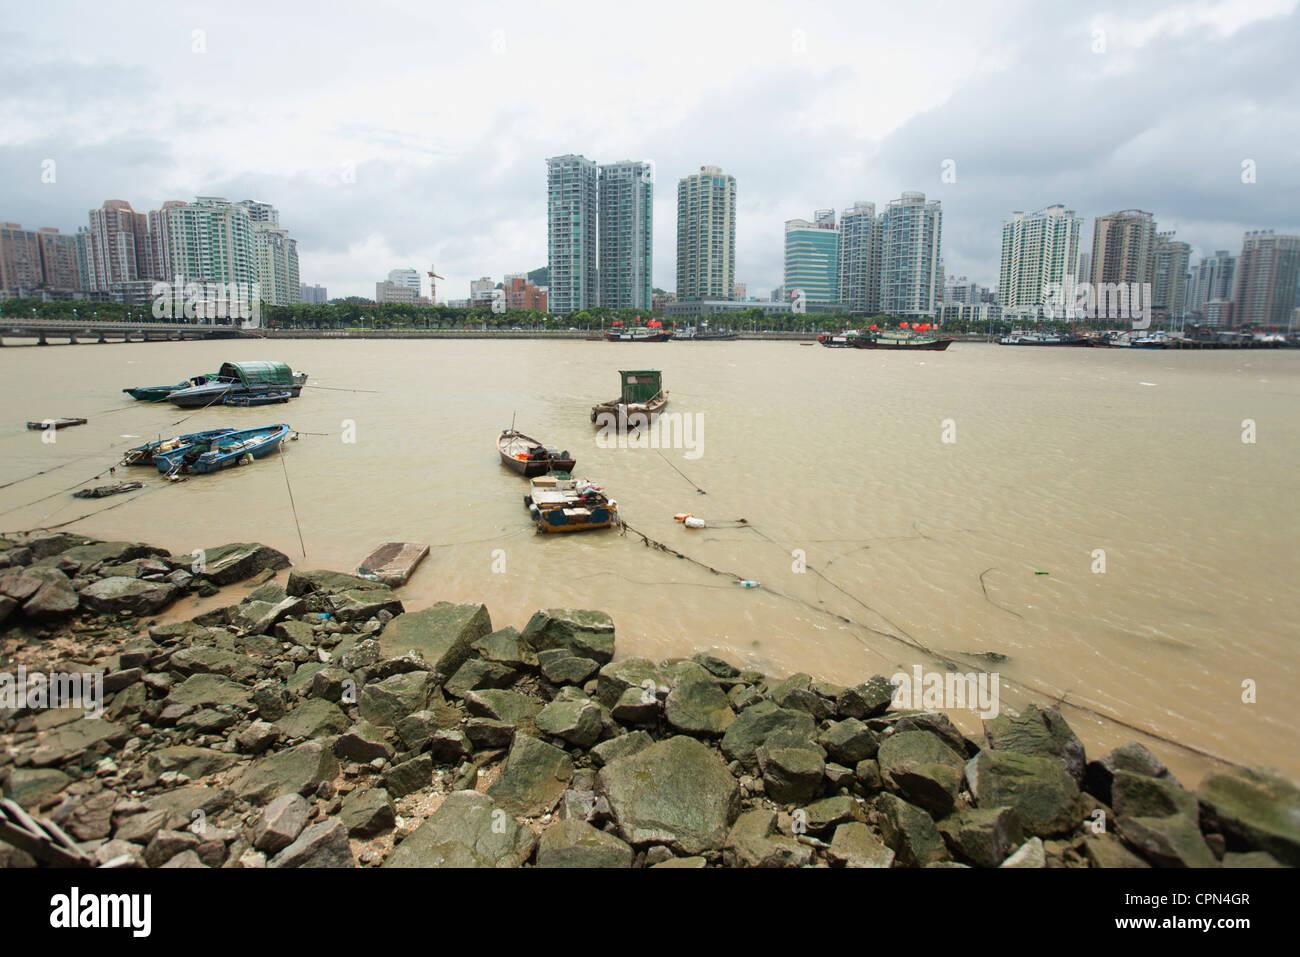 Bateaux sur l'eau, la province de Shandong, Chine Photo Stock